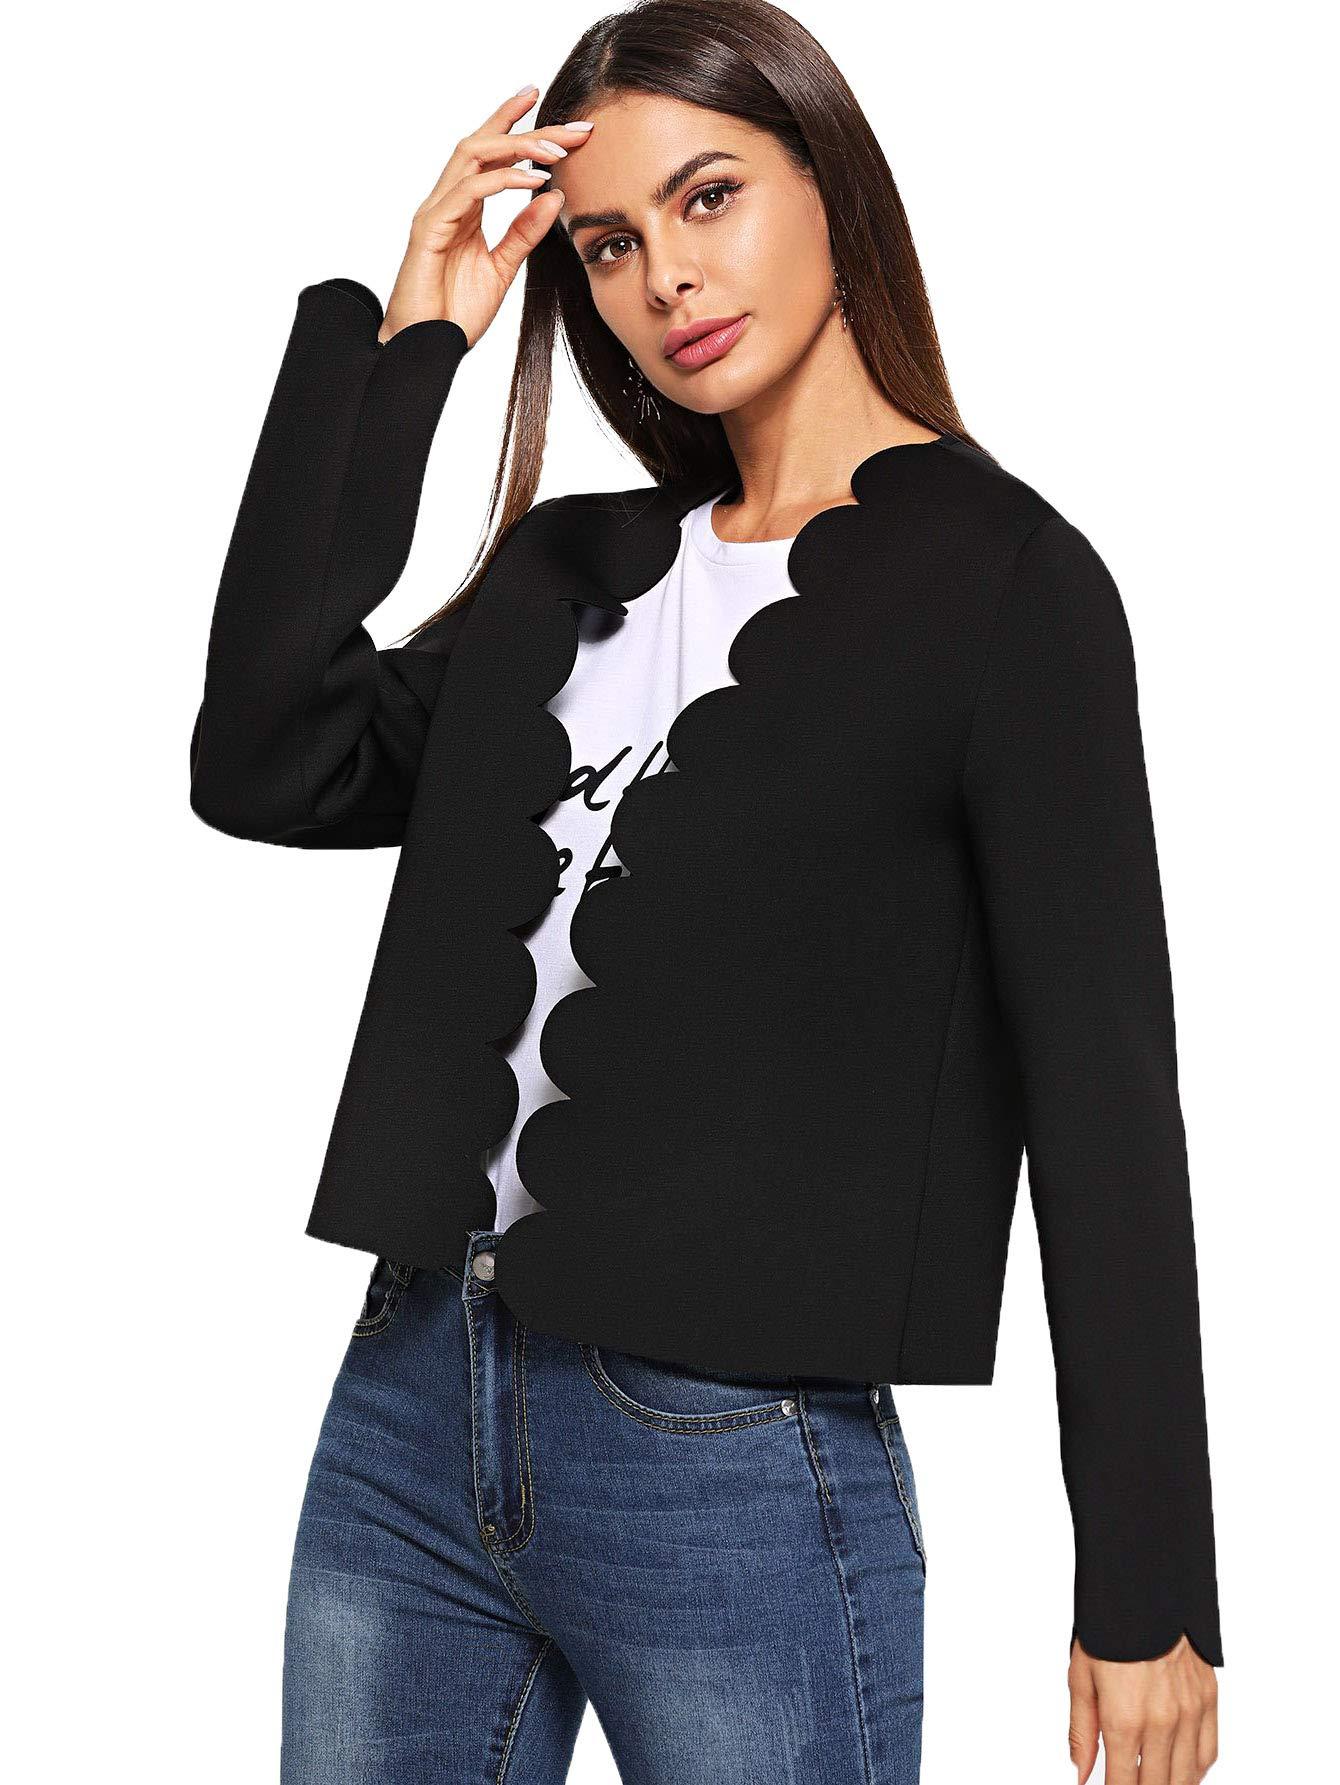 Romwe Women's Scallop Hem Casual Work Office Open Blazer Jacket Black Large by Romwe (Image #3)